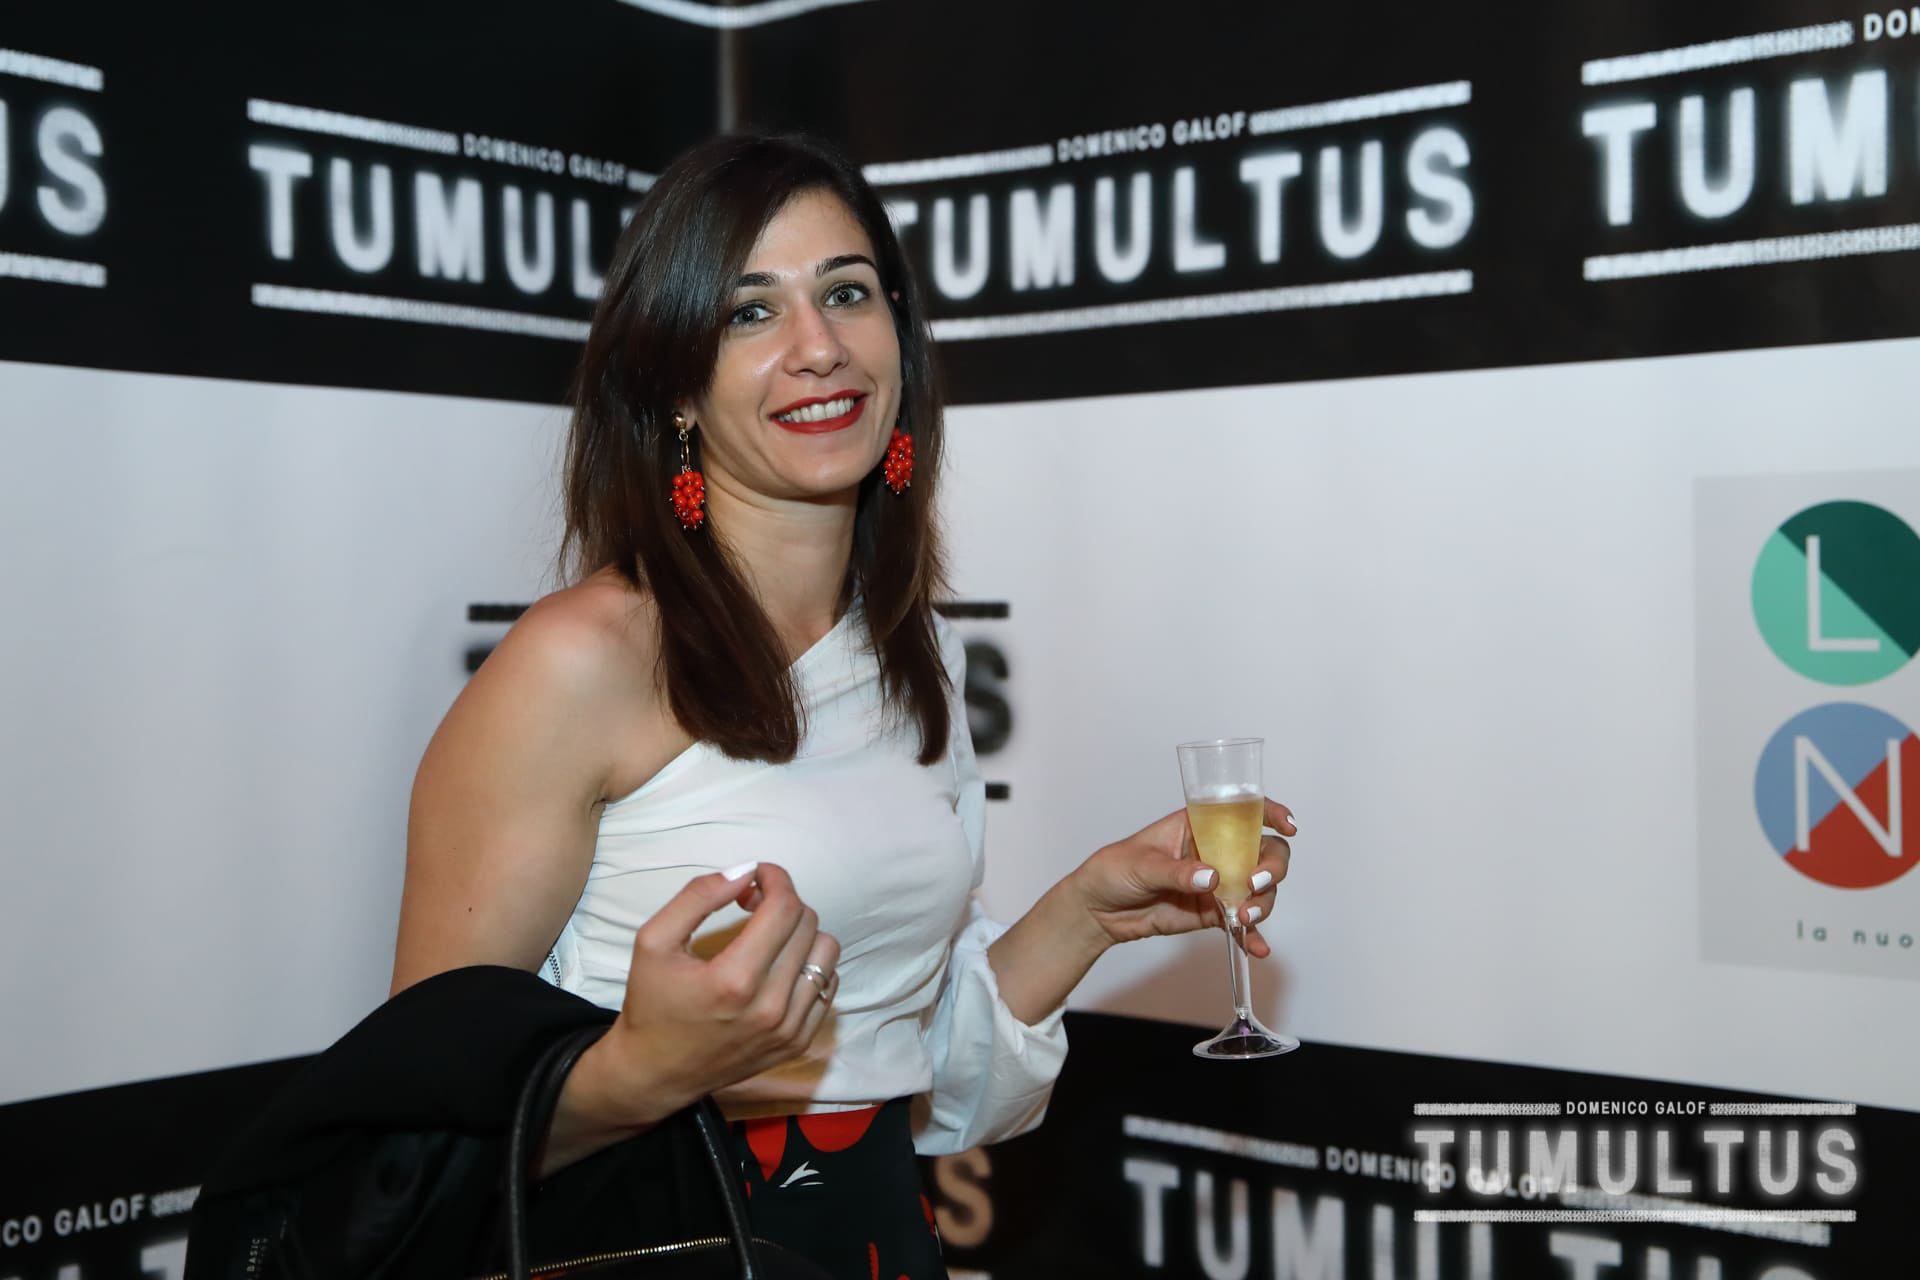 L'Origine di Tumultus (132)